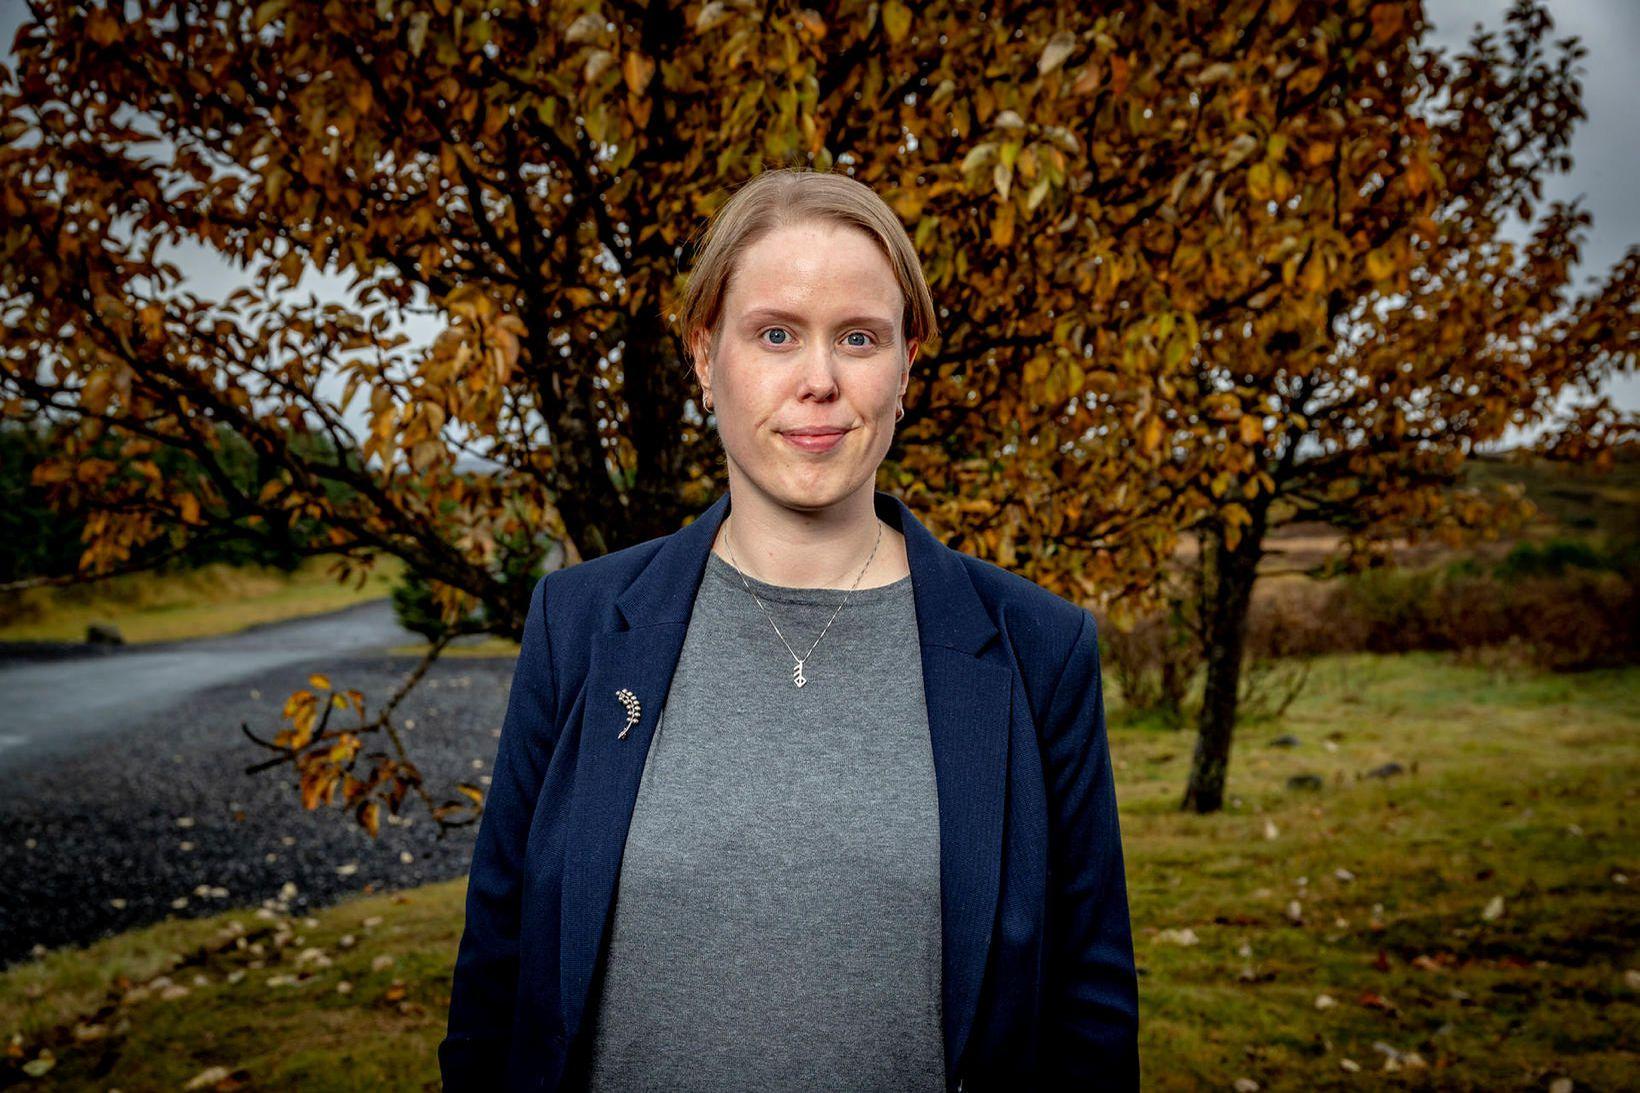 Freyja Th. Sigurðardóttir breytti um lífstíl í fyrra þegar hún …